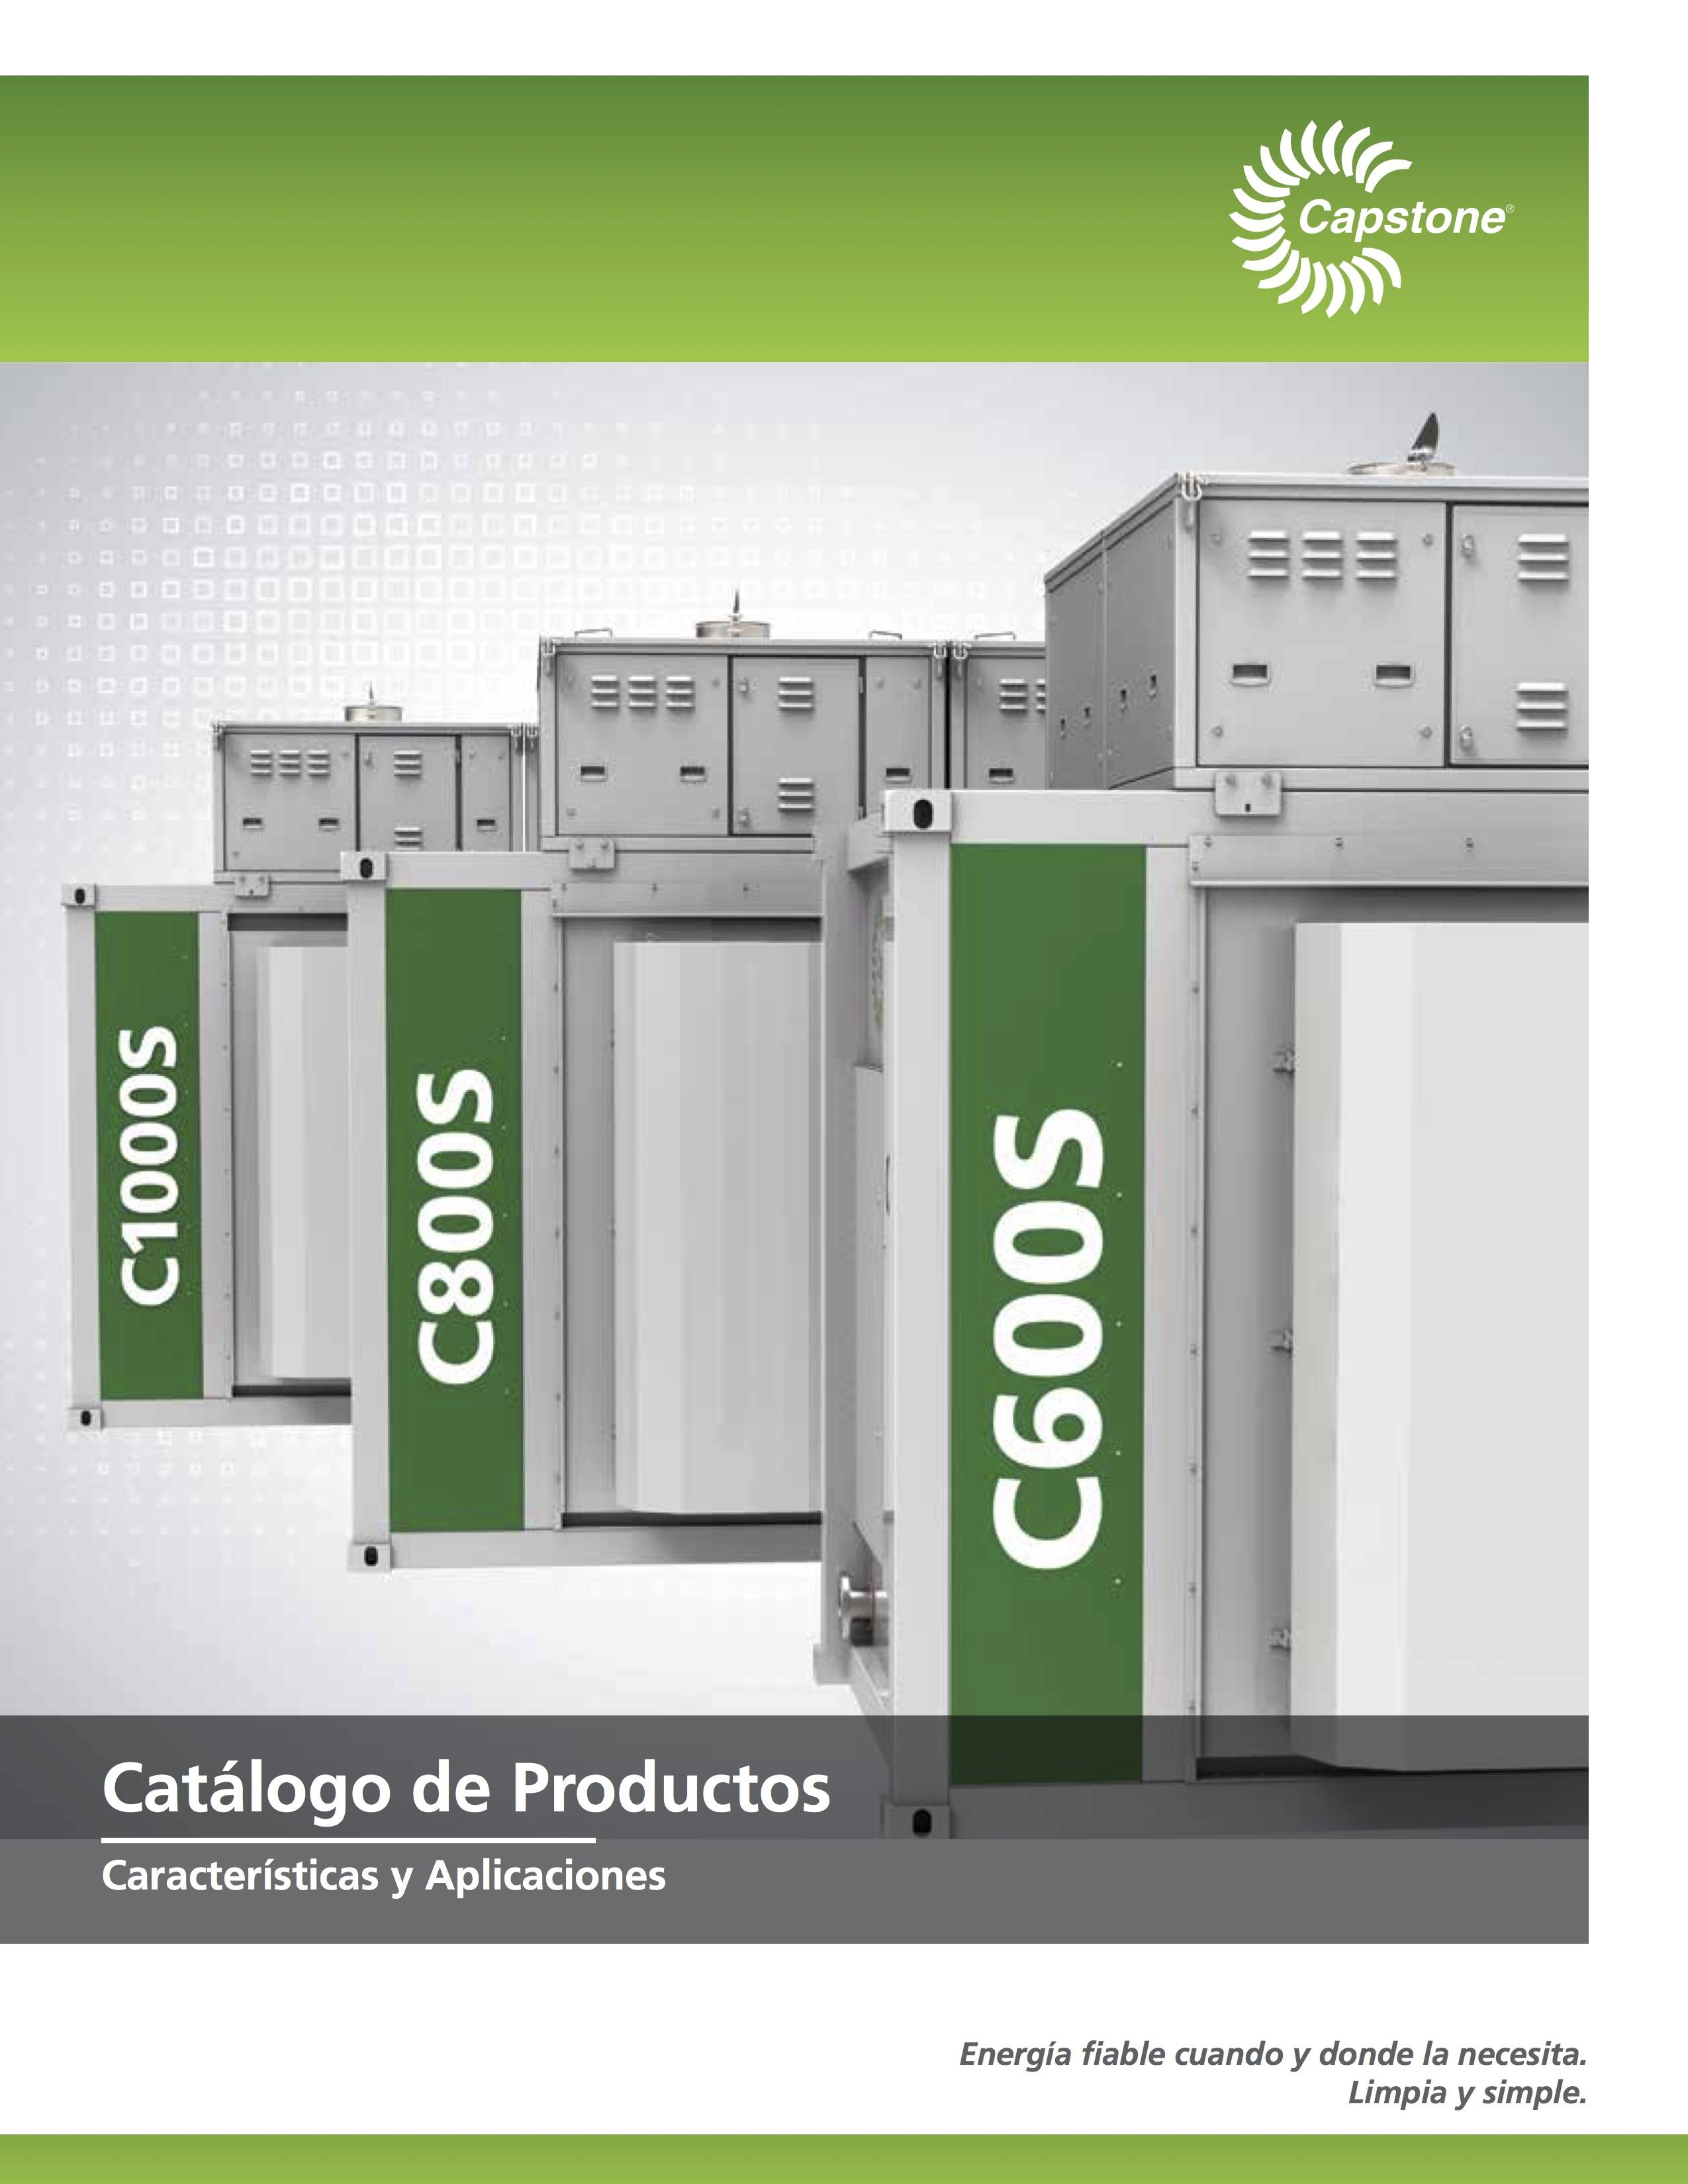 Product Catalog (Spanish)